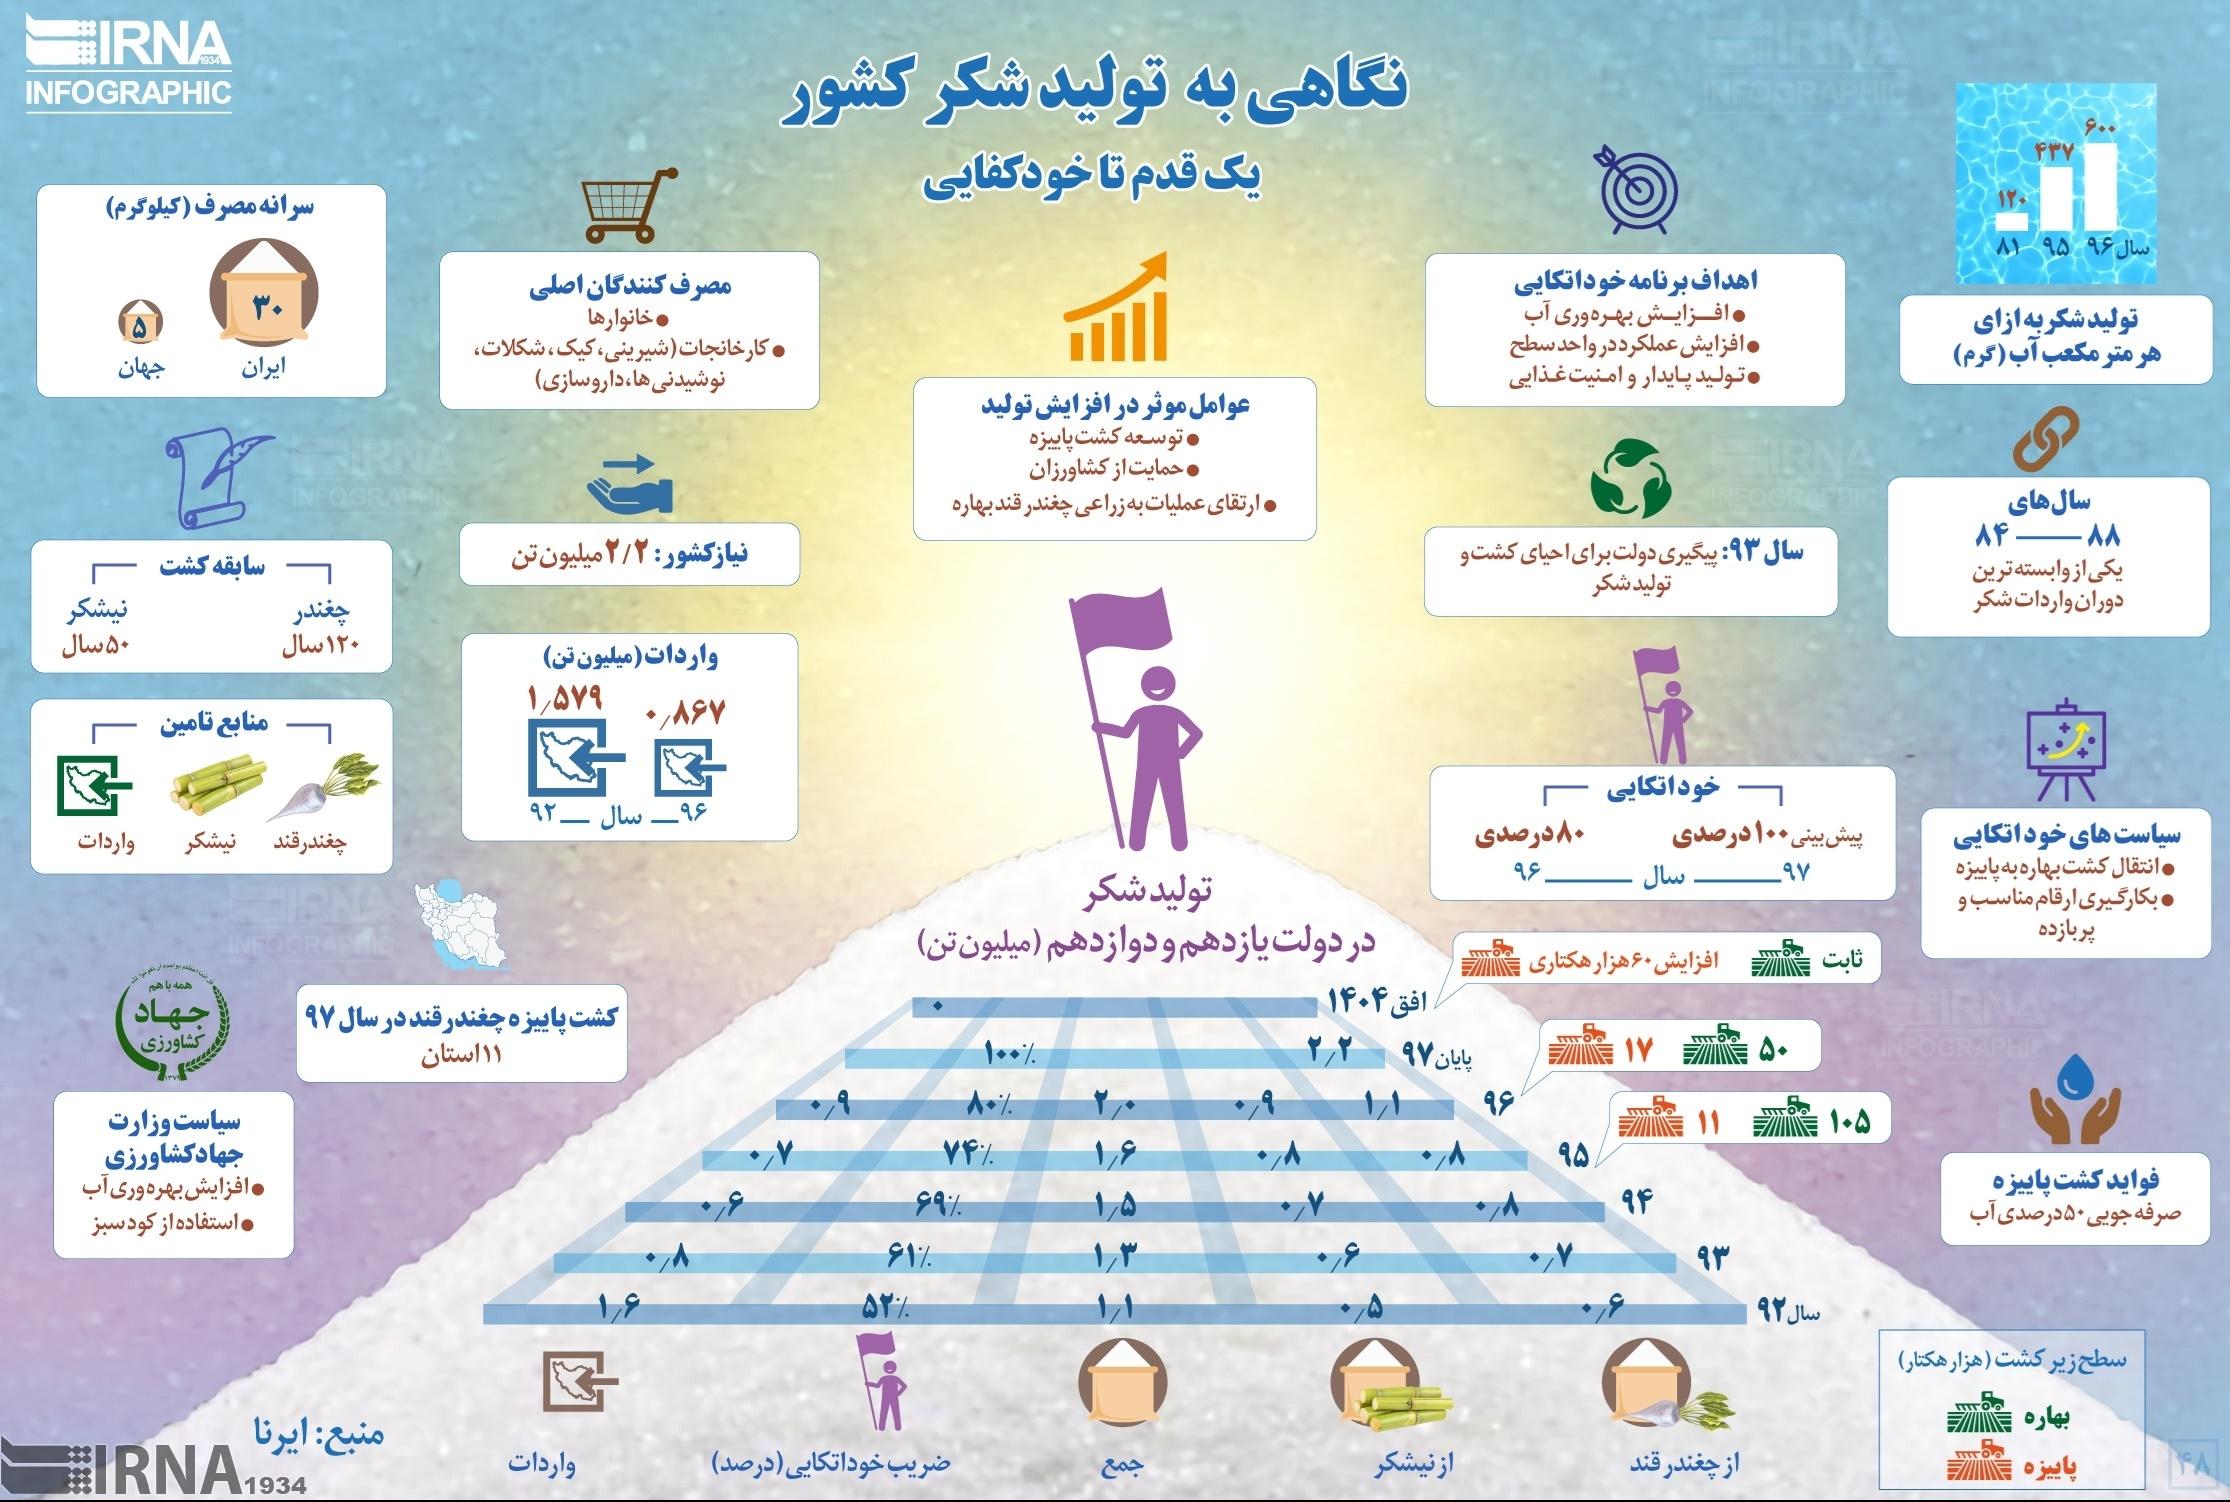 ایرانیها ۶ برابر مردم دنیا شکر میخورند!+اینفوگرافیک